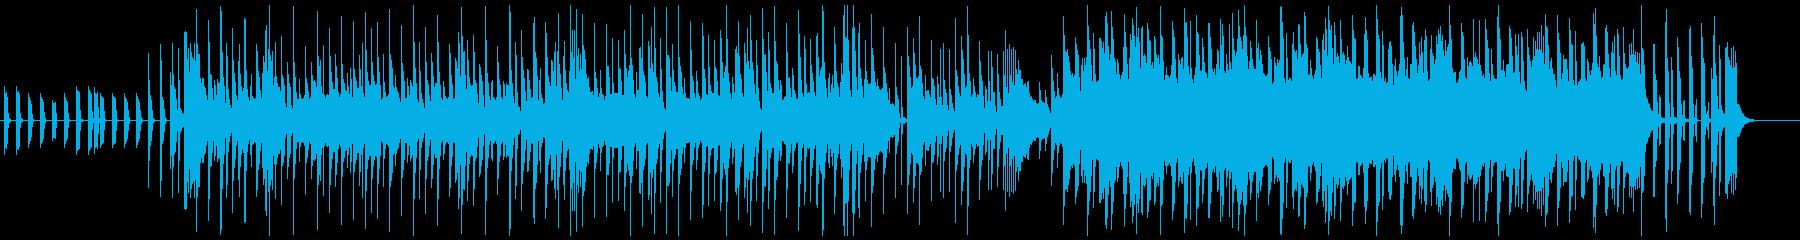 ゆったりした安眠向きのエレピ曲の再生済みの波形